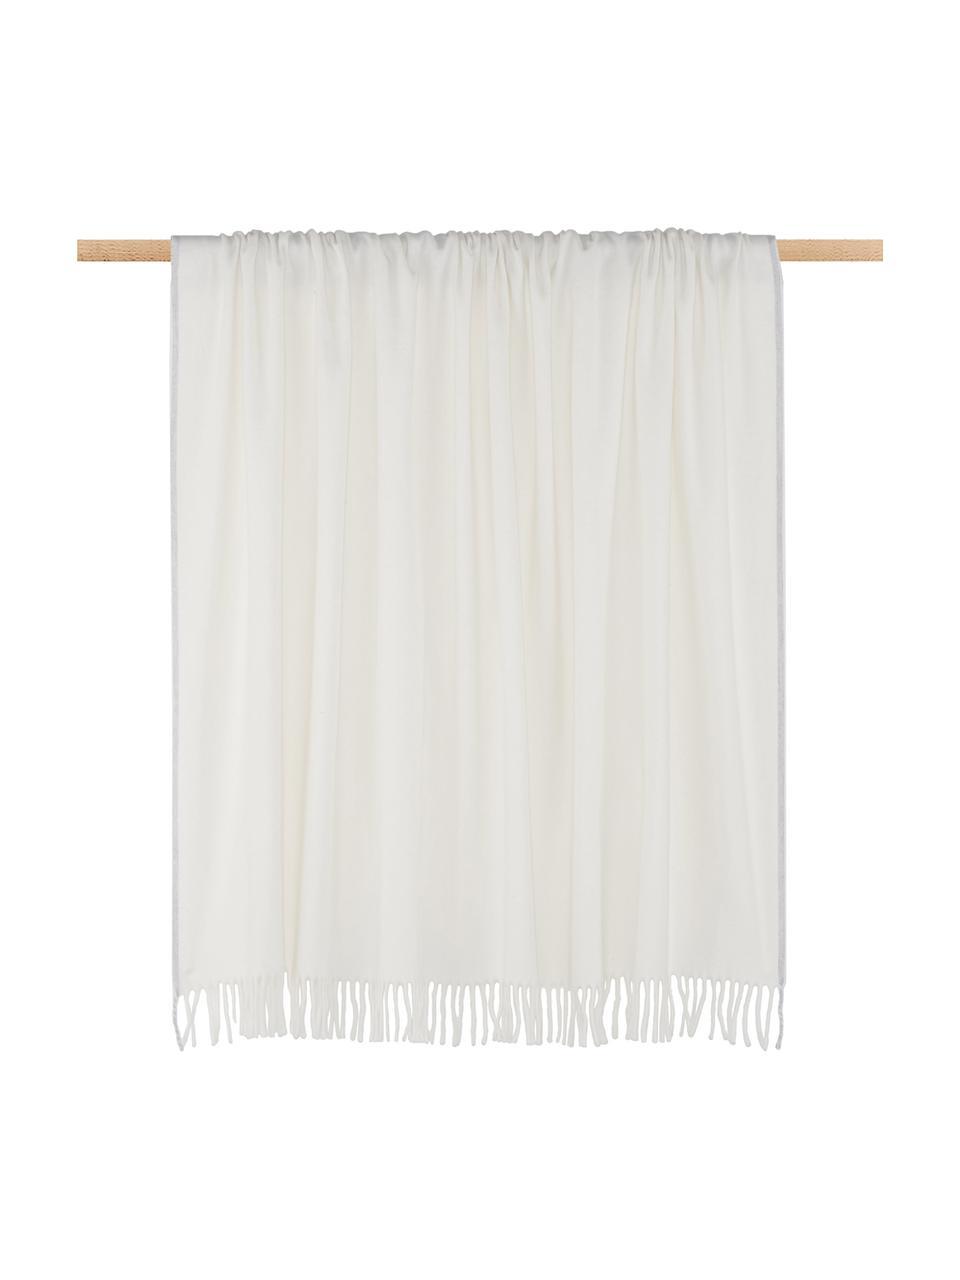 Plaid Inka in Weiß mit grauem Abschluss, 50%Polyacryl, 50%Baumwolle, Elfenbein, Hellgrau, 130 x 170 cm